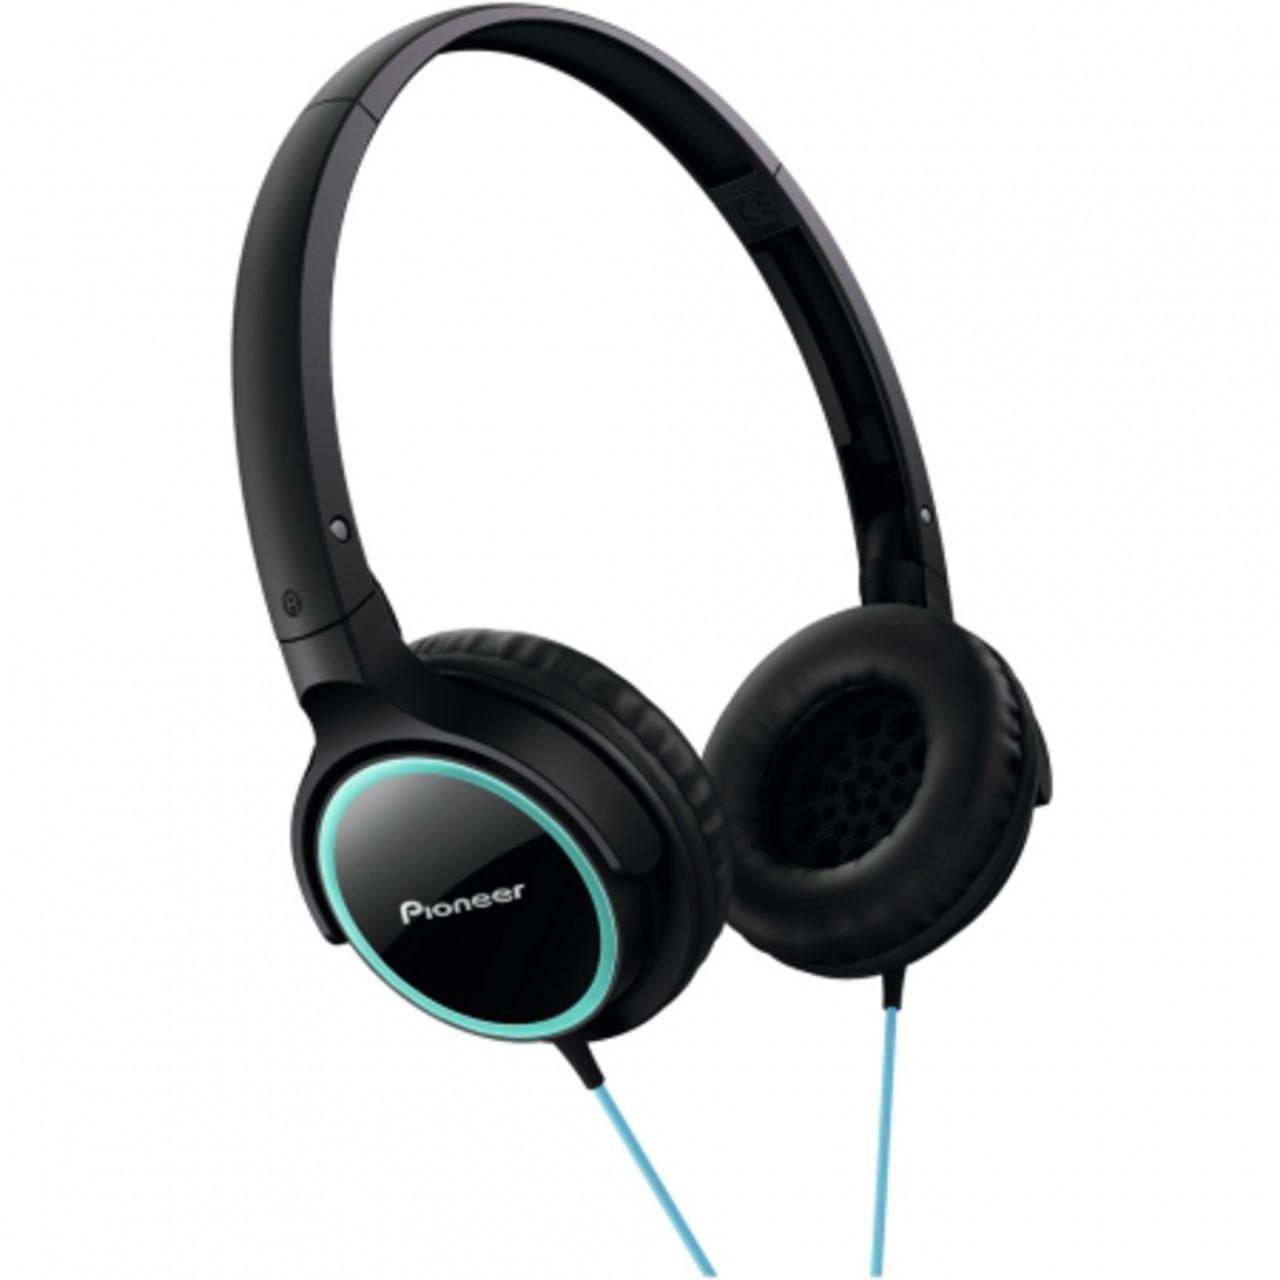 Pioneer SE-MJ512 Turquoise